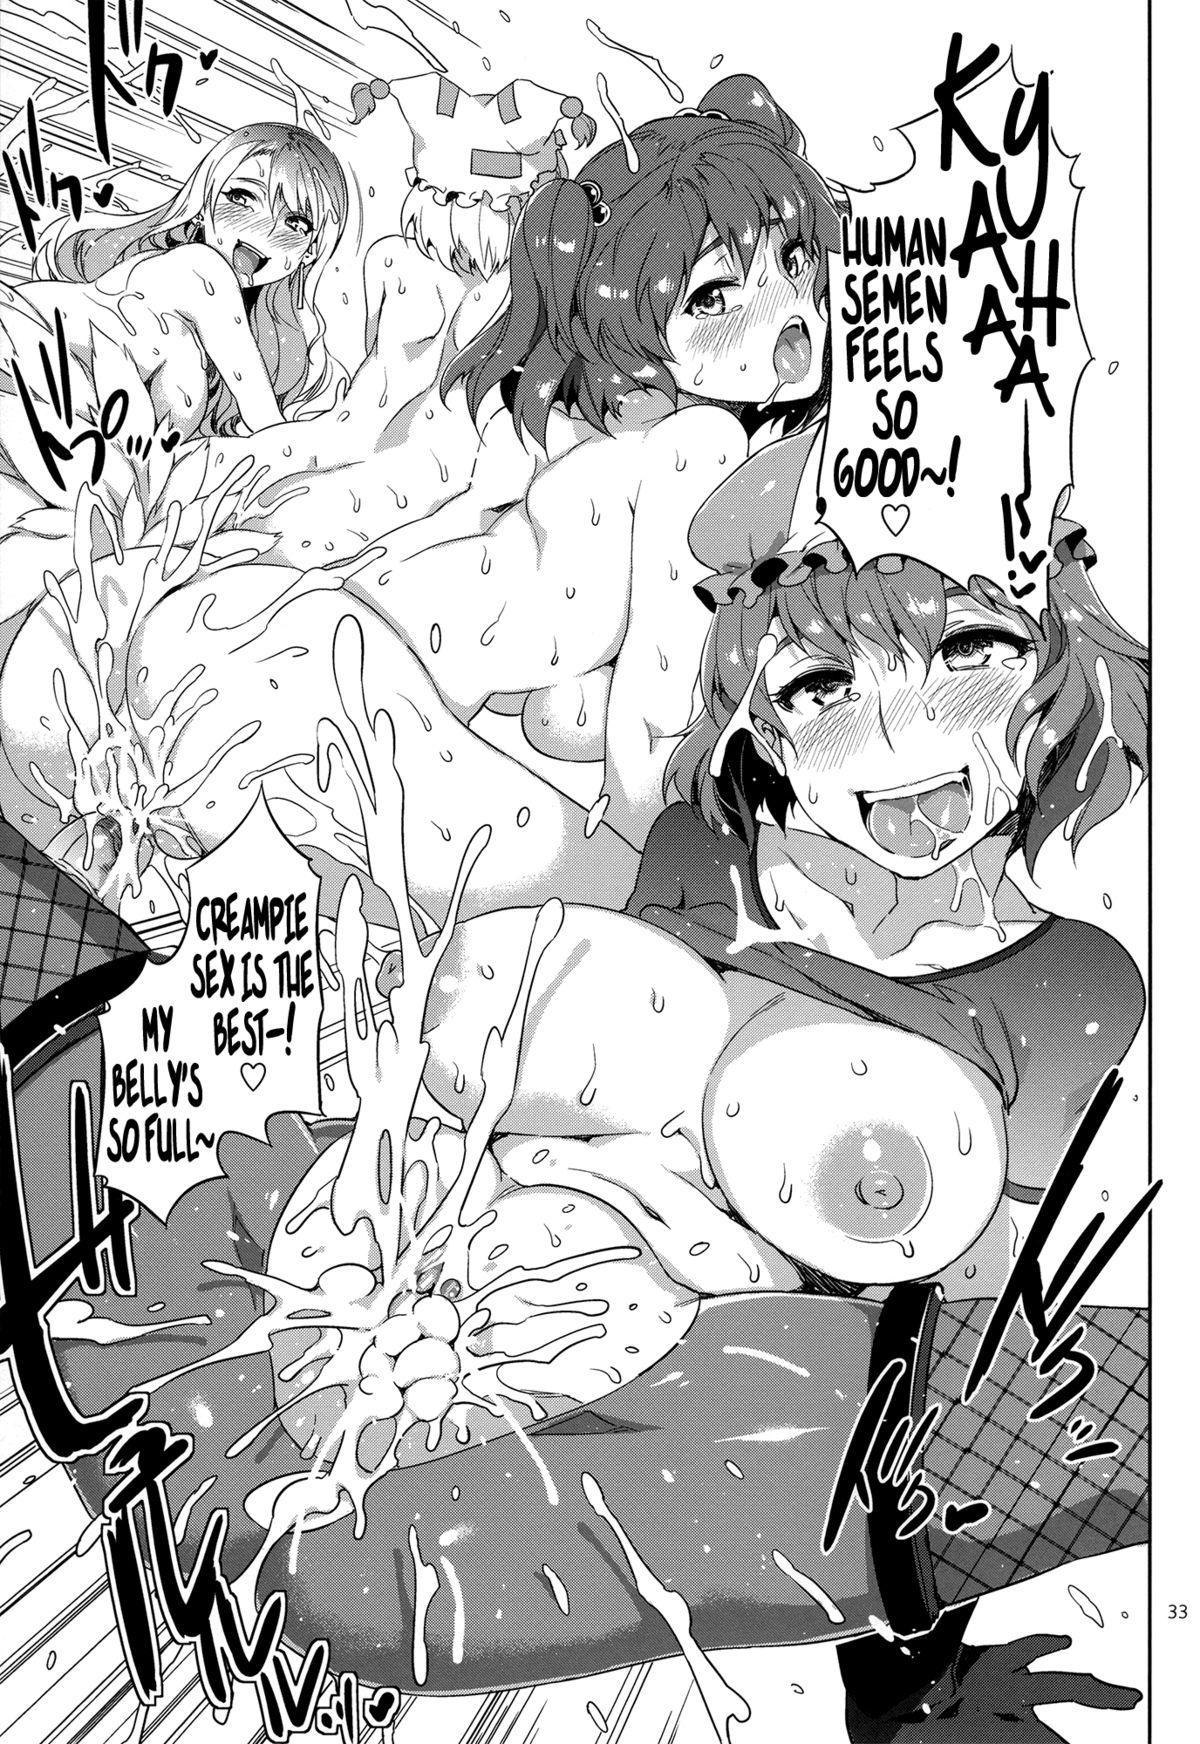 Touhou Gensou Houkai Ni | Touhou Gensou Houkai 28